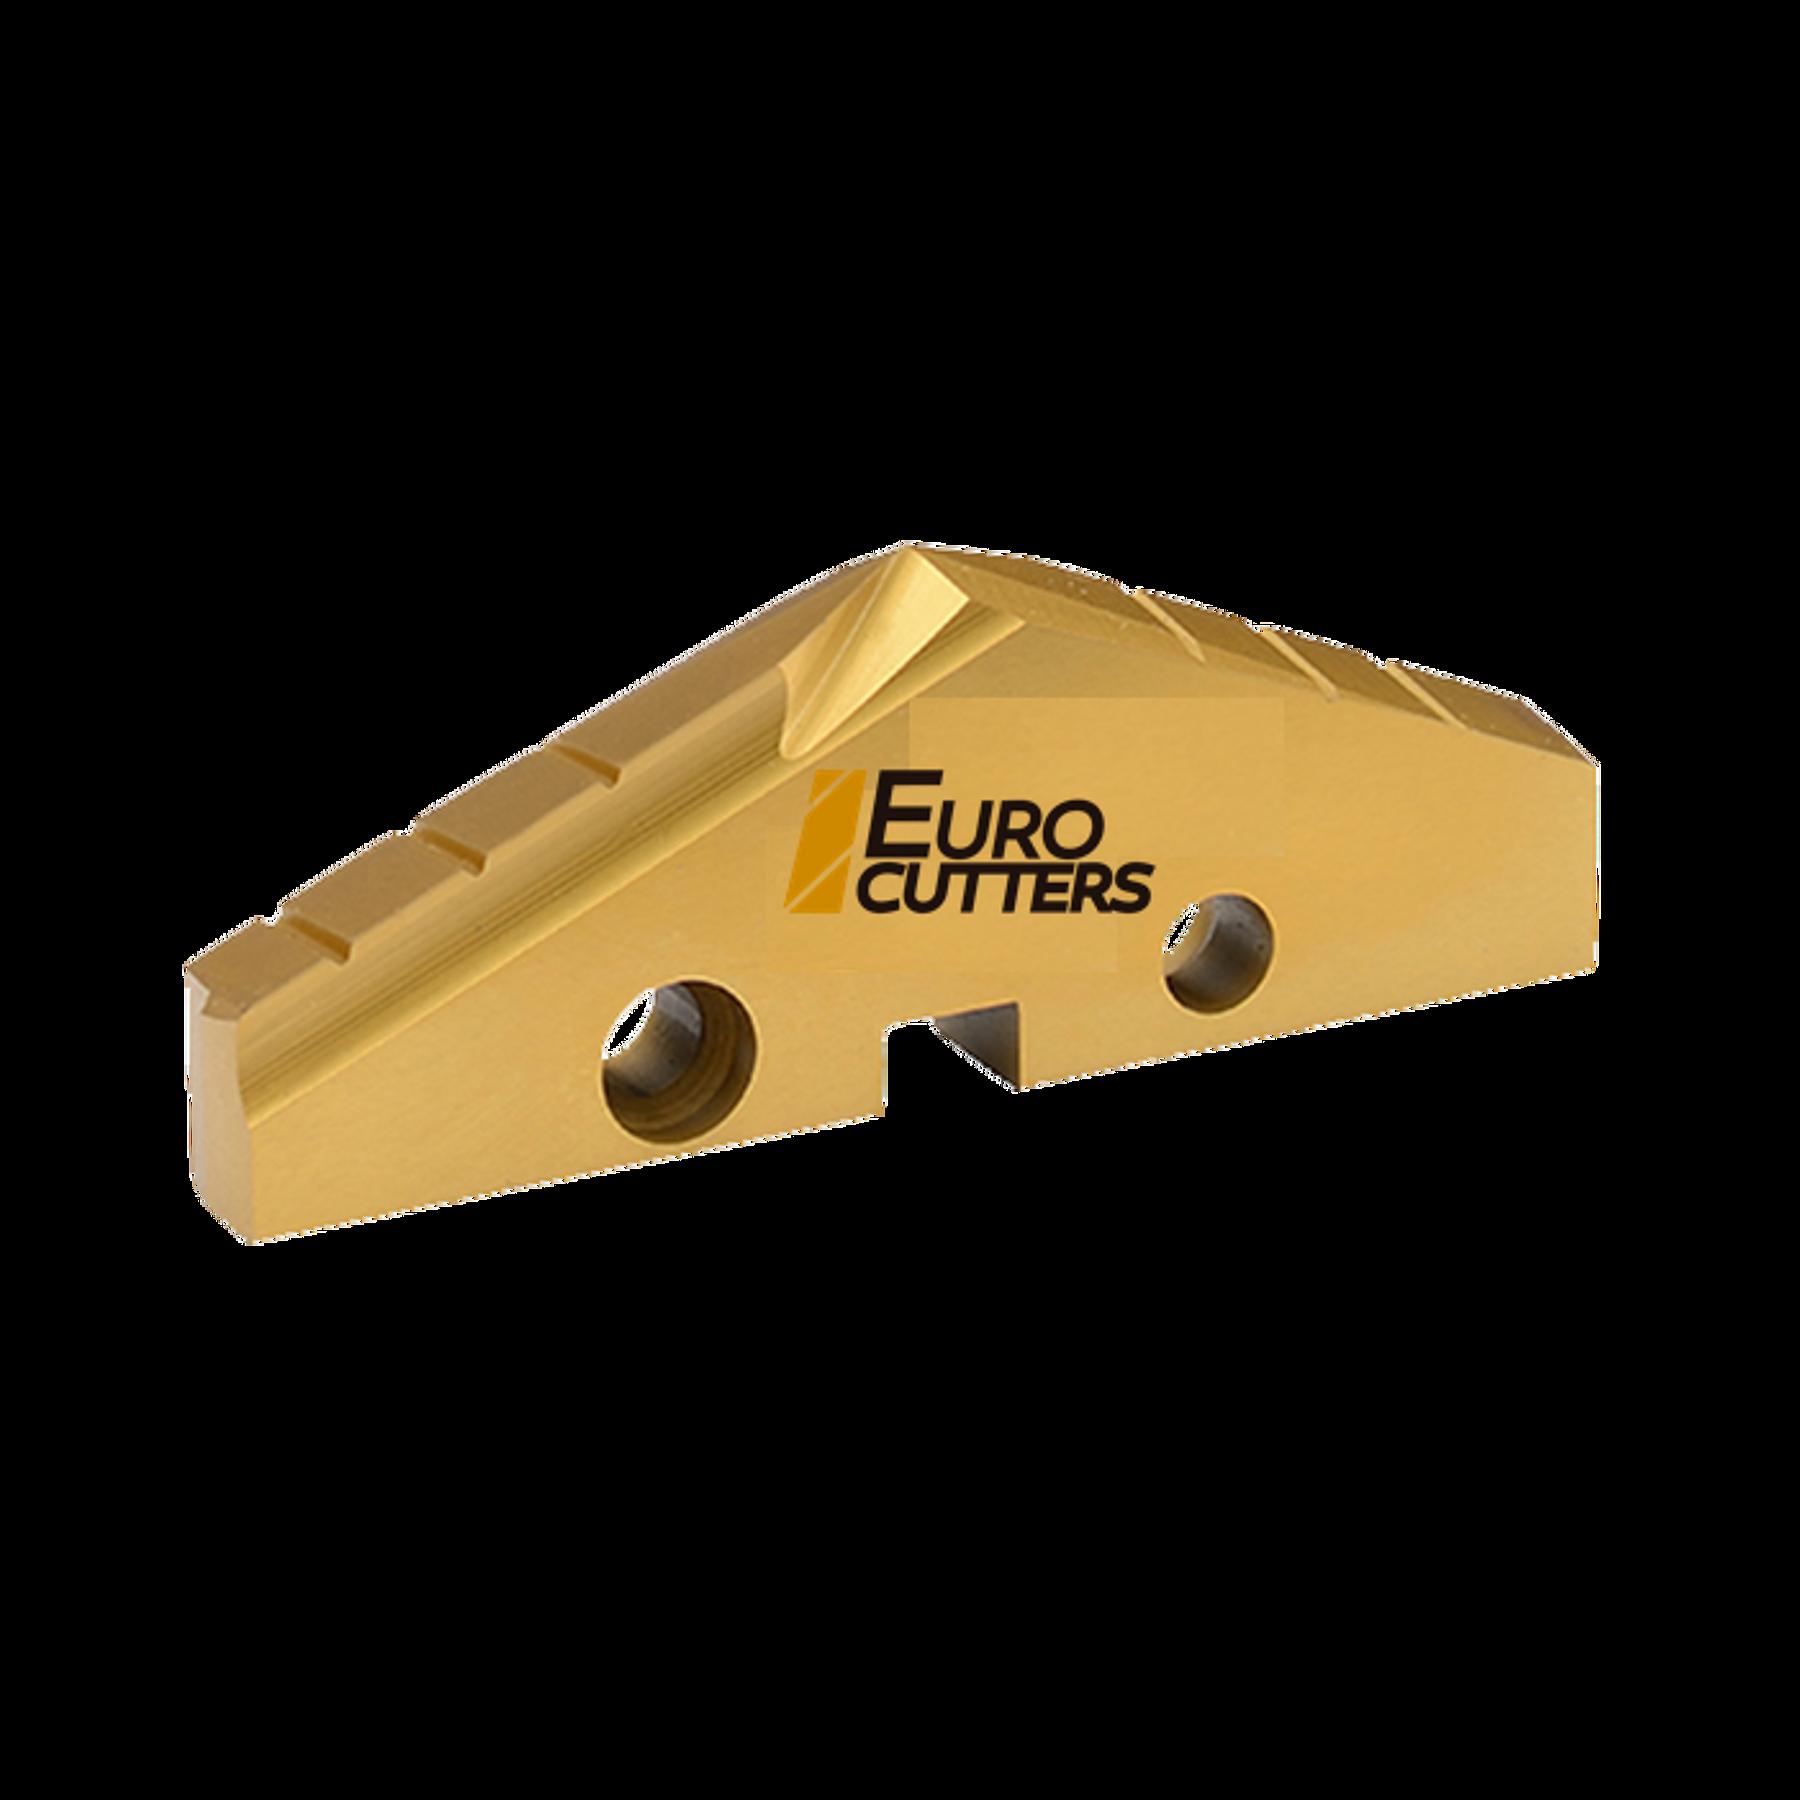 Inserto Eurocutter Hss Broca 23mm SP-0-M0230-25XH